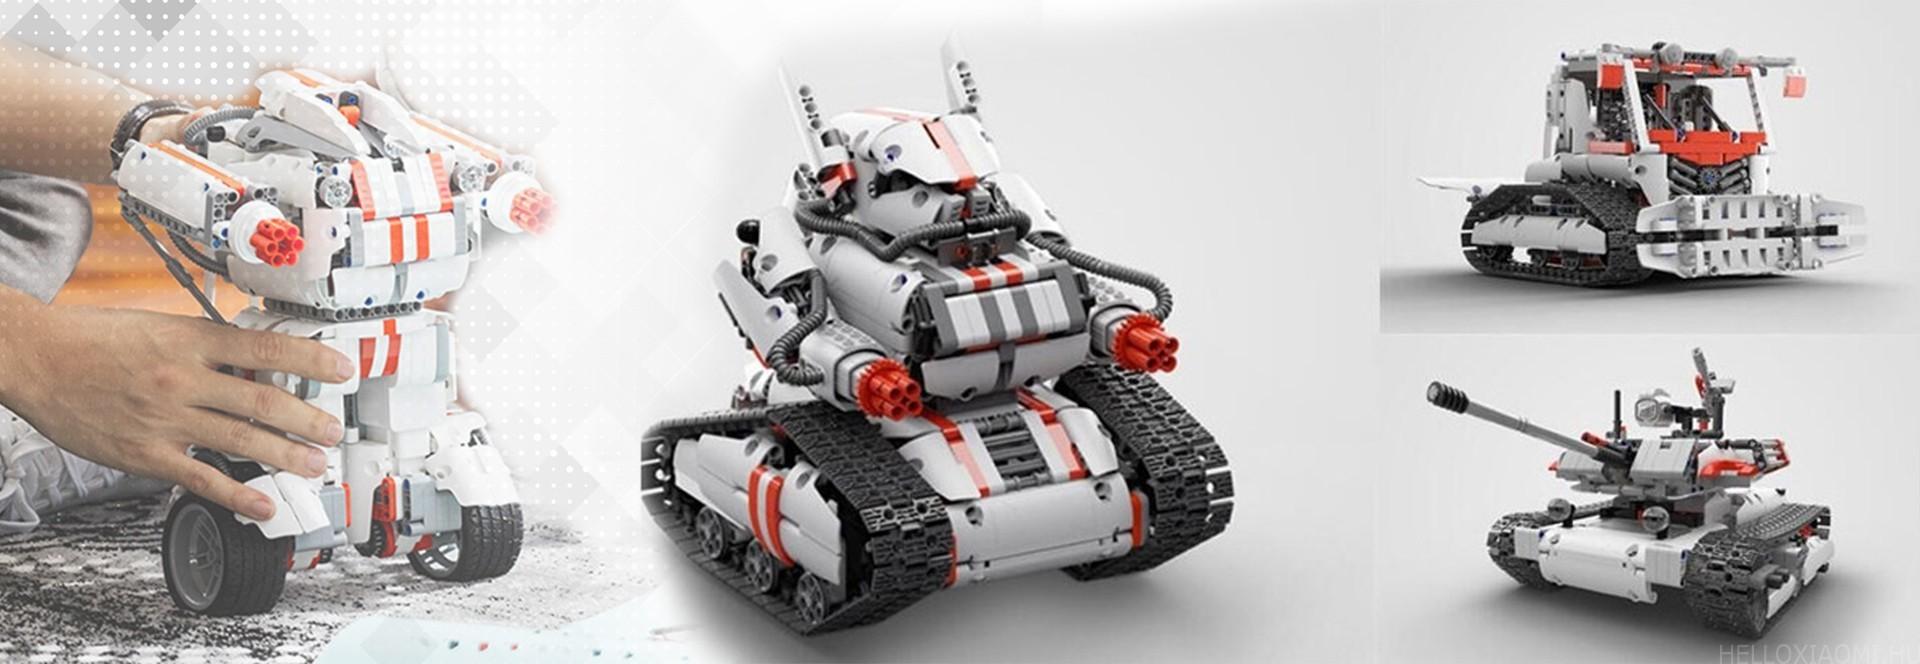 Melyik a legjobb okos robotporszívó?